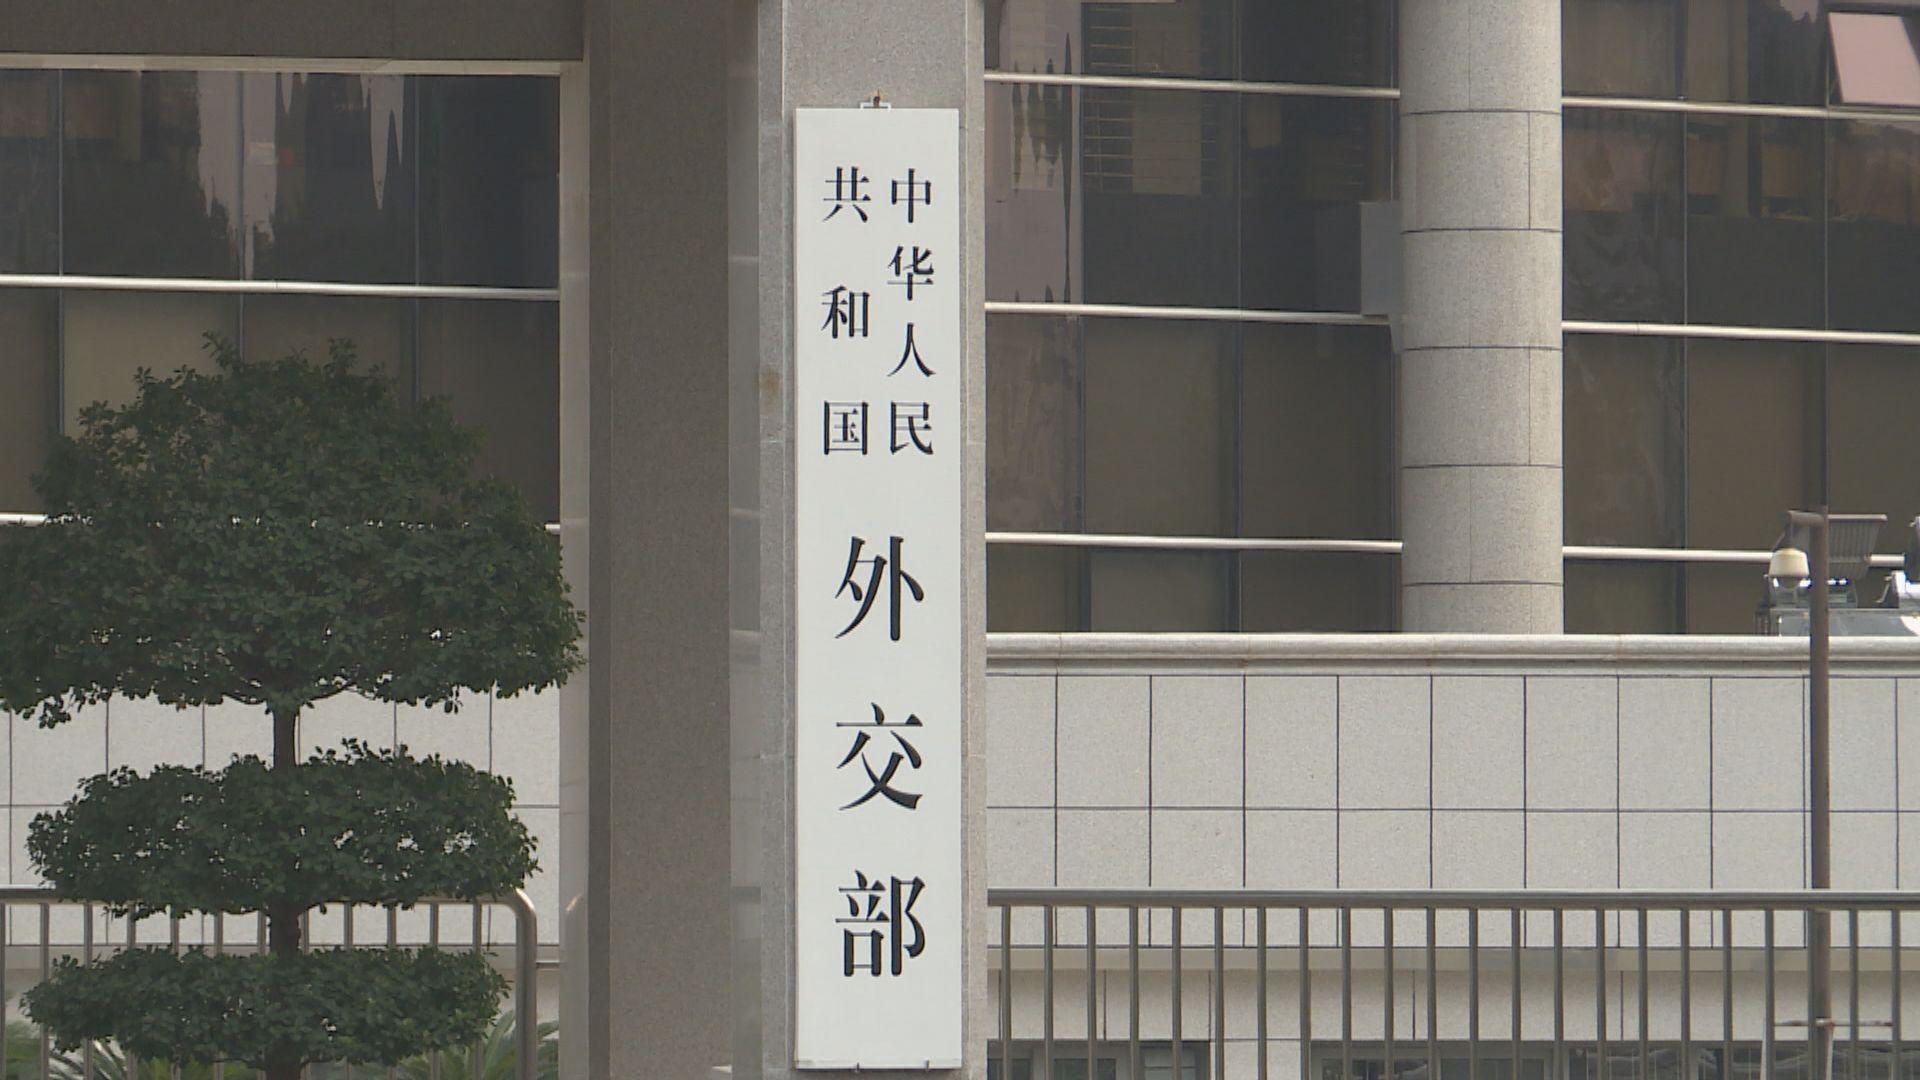 外交部召見美國駐華大使就簽署香港自治法案提嚴正交涉